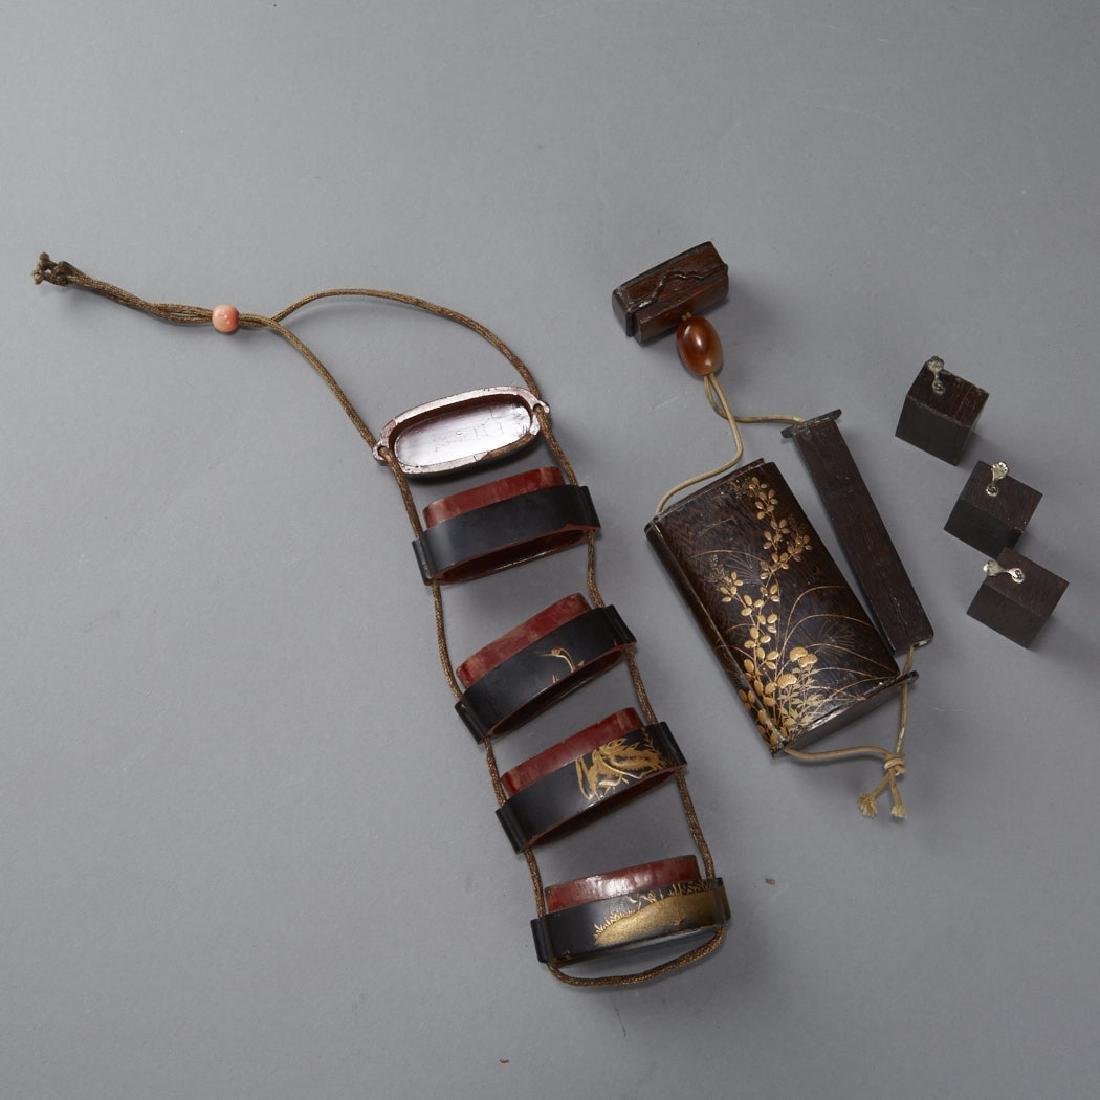 2 Edo Period Japanese Lacquer Inro - BTC Acpt - 3